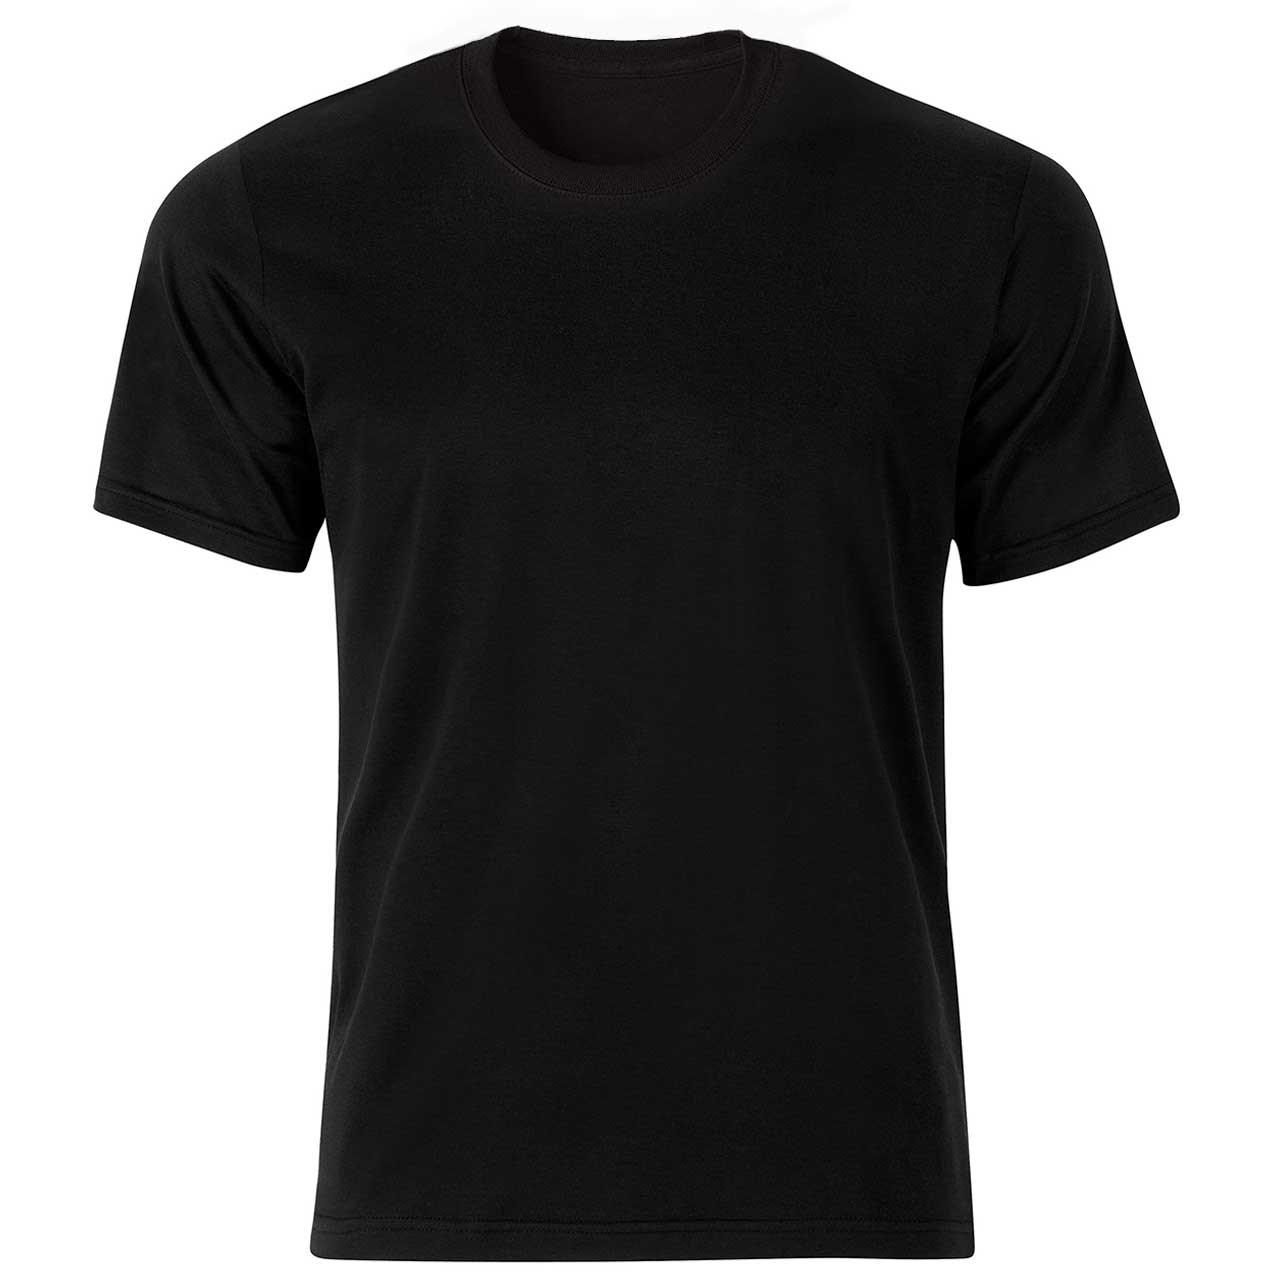 تی شرت مشکی نخی پارس